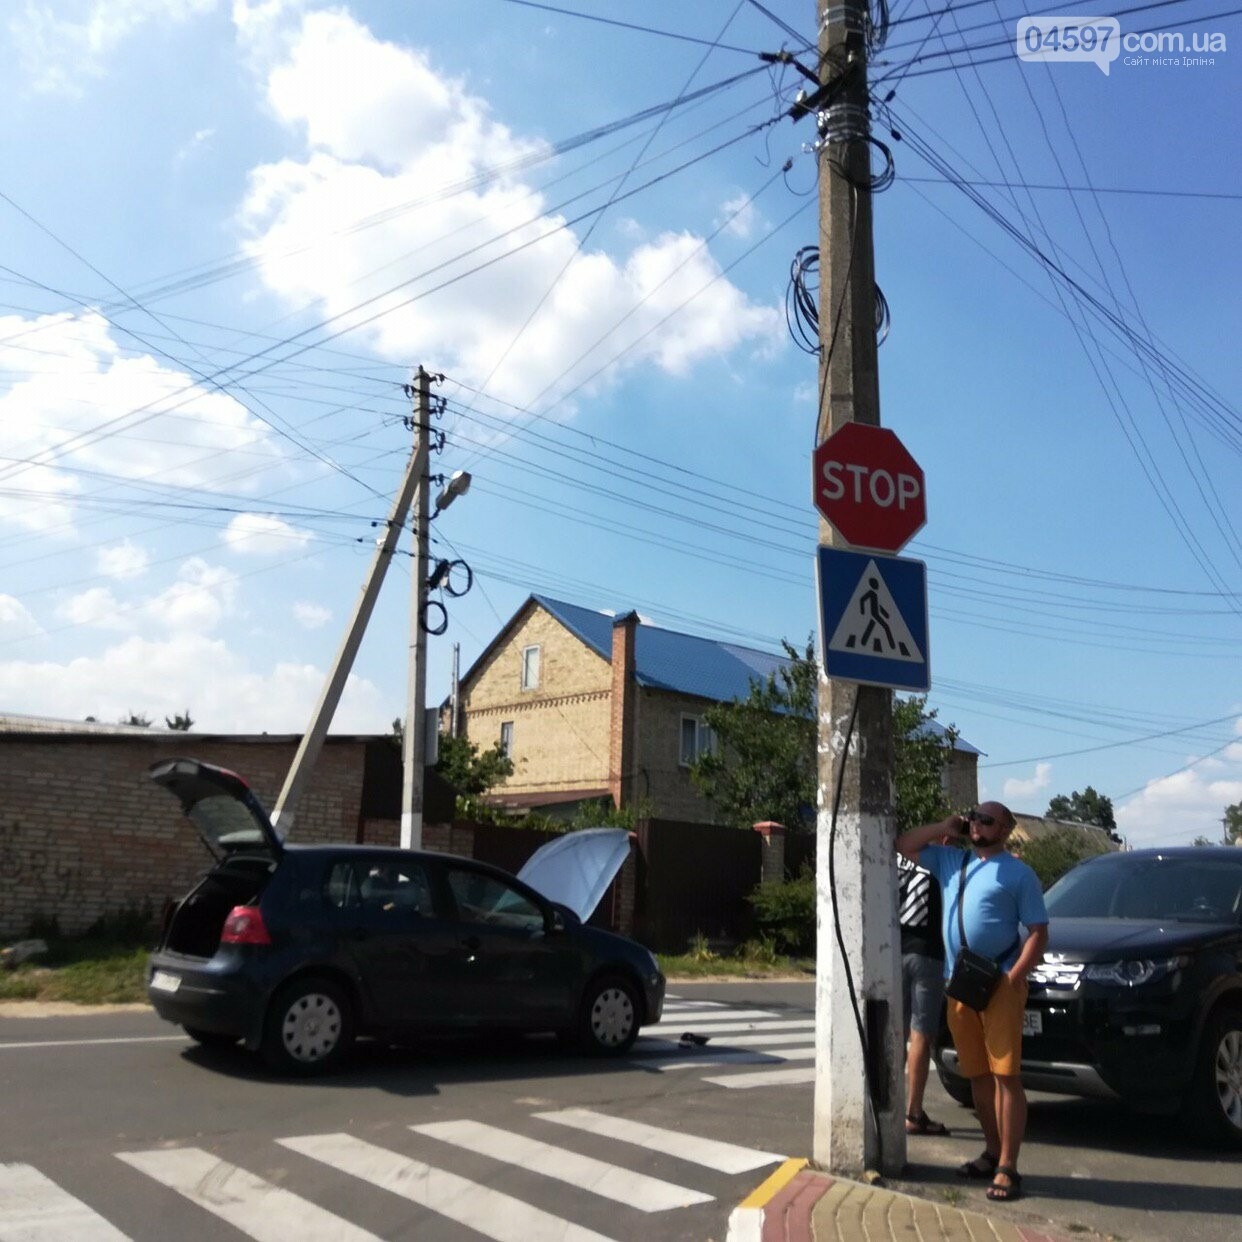 Чергове ДТП на перетині вул. Громадянської та Озерної, фото-1